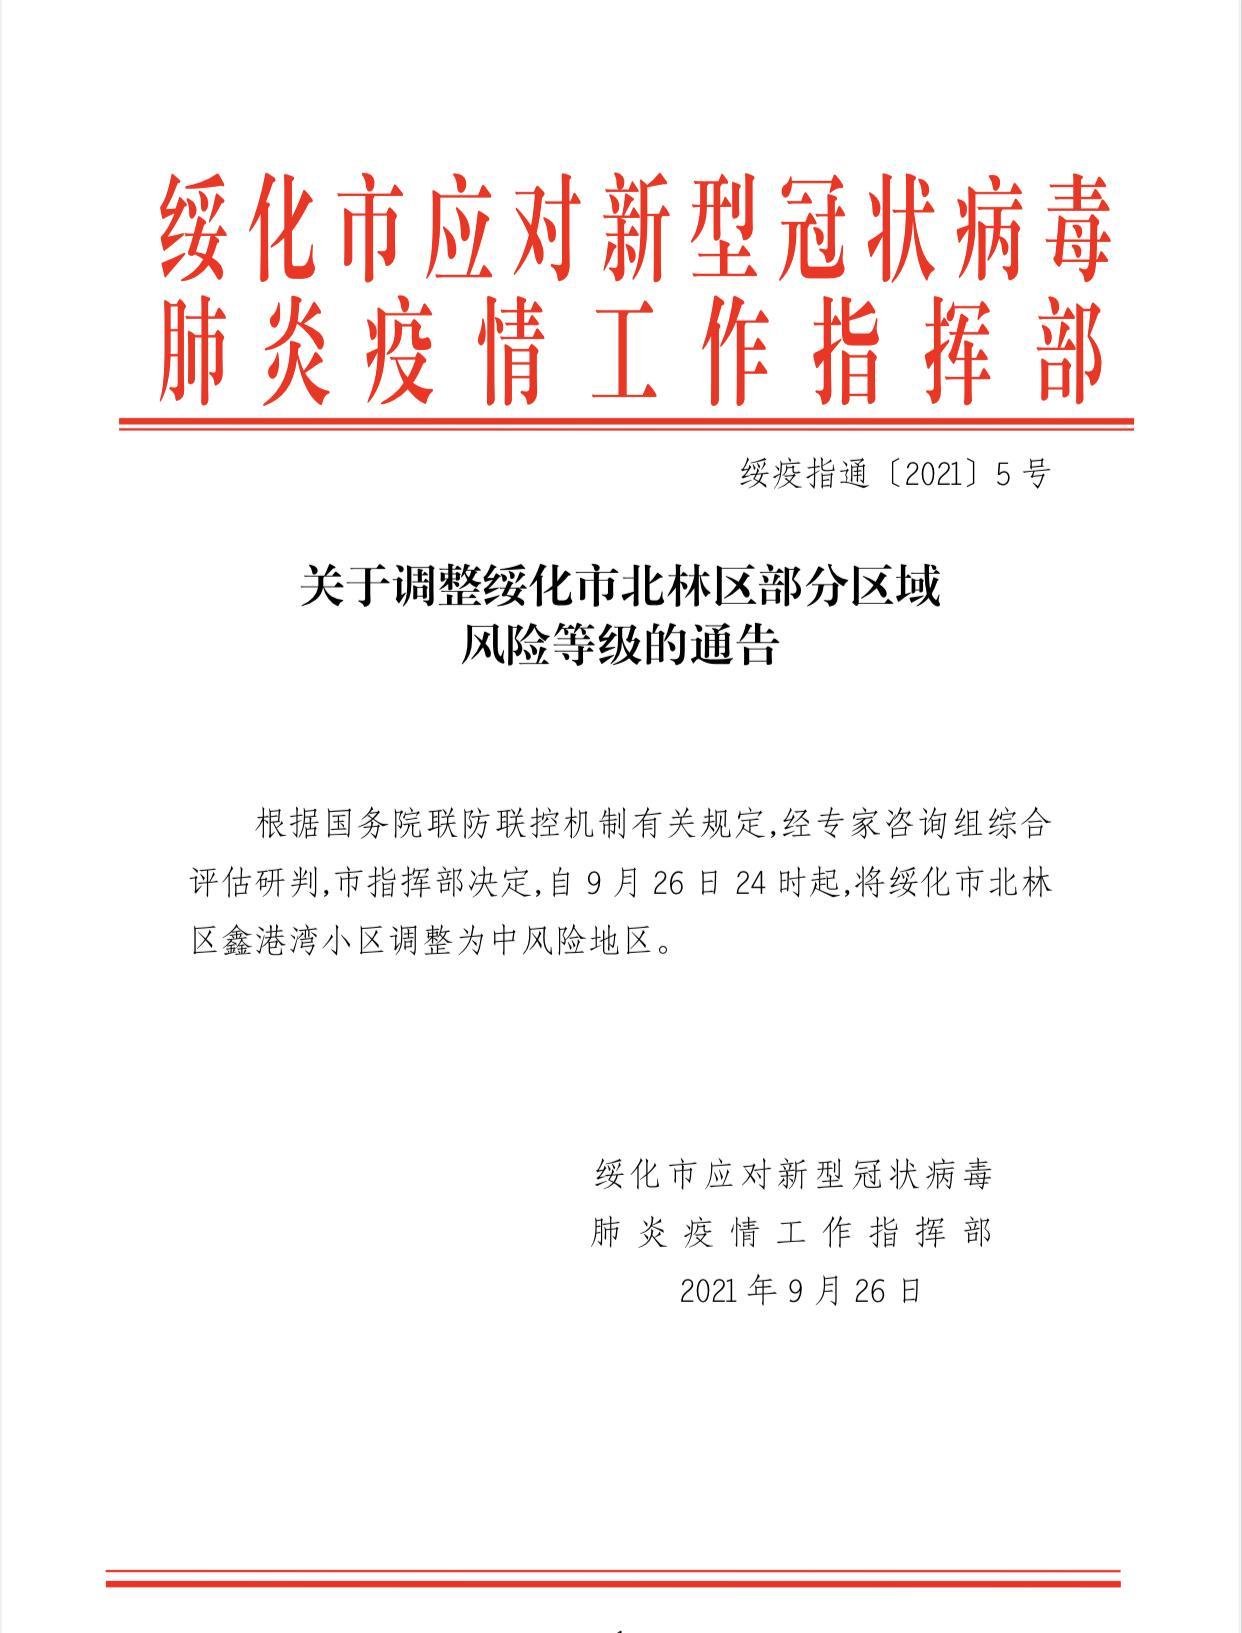 黑龙江绥化3名阳性感染者居住小区调整为中风险等级